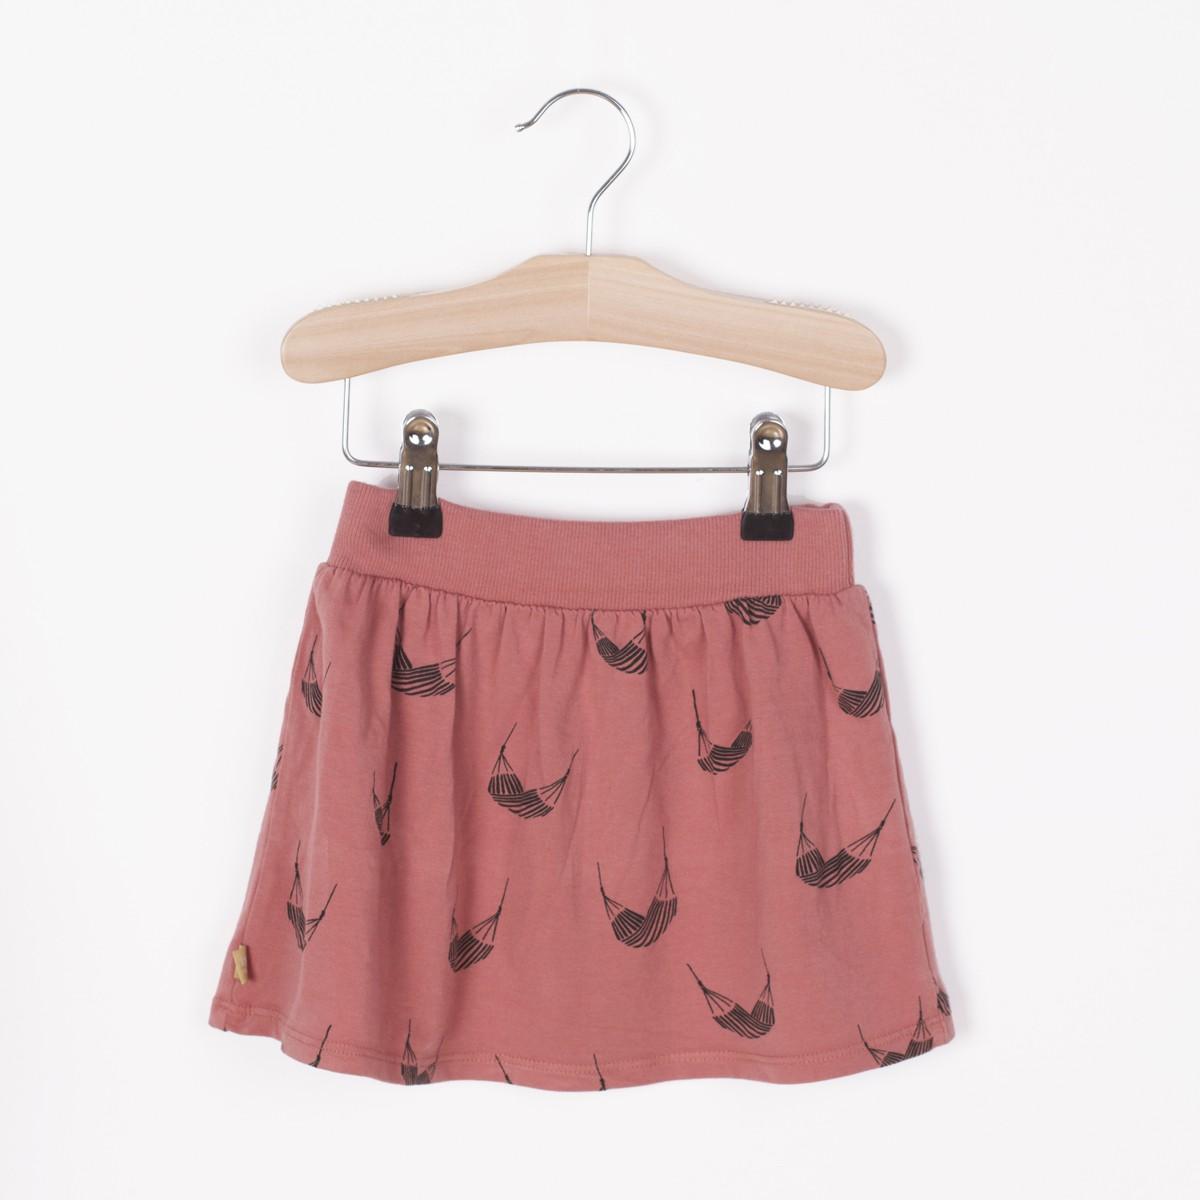 Skirt hammocks